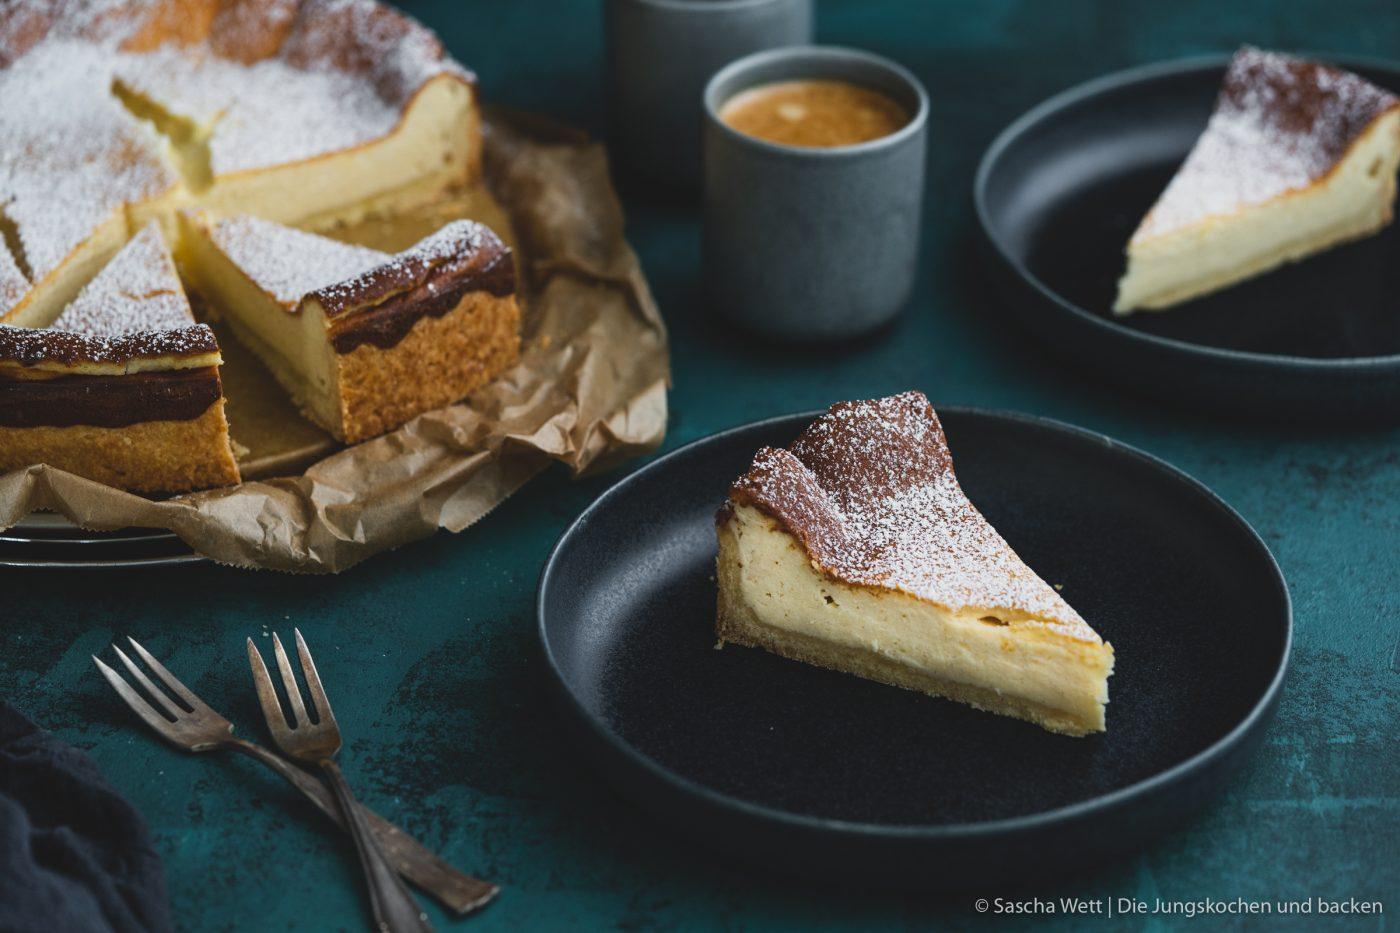 Rezept für einen klassischen Käsekuchen. Da es bei uns bisher kein Familienrezept gab, haben wir lange an unserer Version gebastelt. Jetzt also unser Familienrezept! #rezepte #cheesecake #käsekuchen #klassiker #backrezept